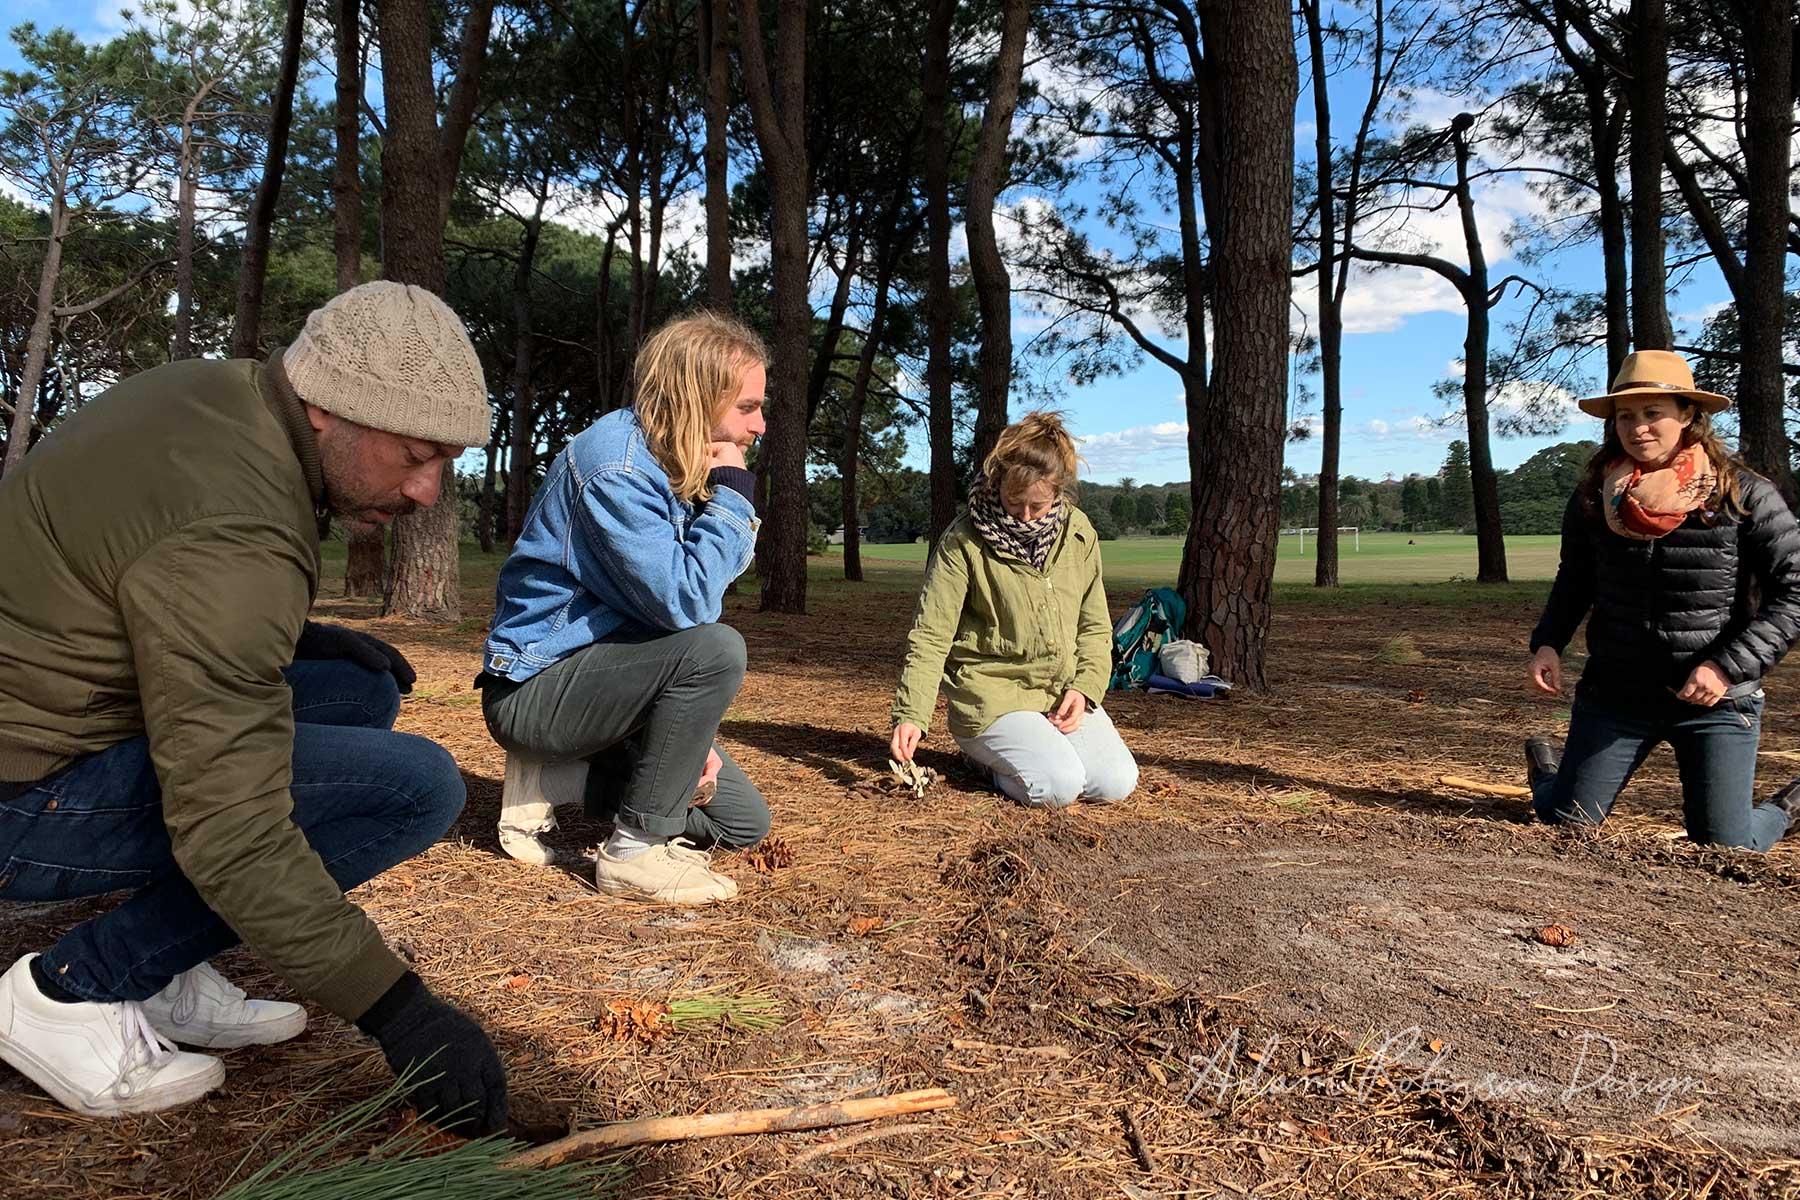 ©-Adam-Robinson-Design-Nurture-Your-Nature-Sydney's-First-Annual-Forest-Bathing-Event-02.jpg